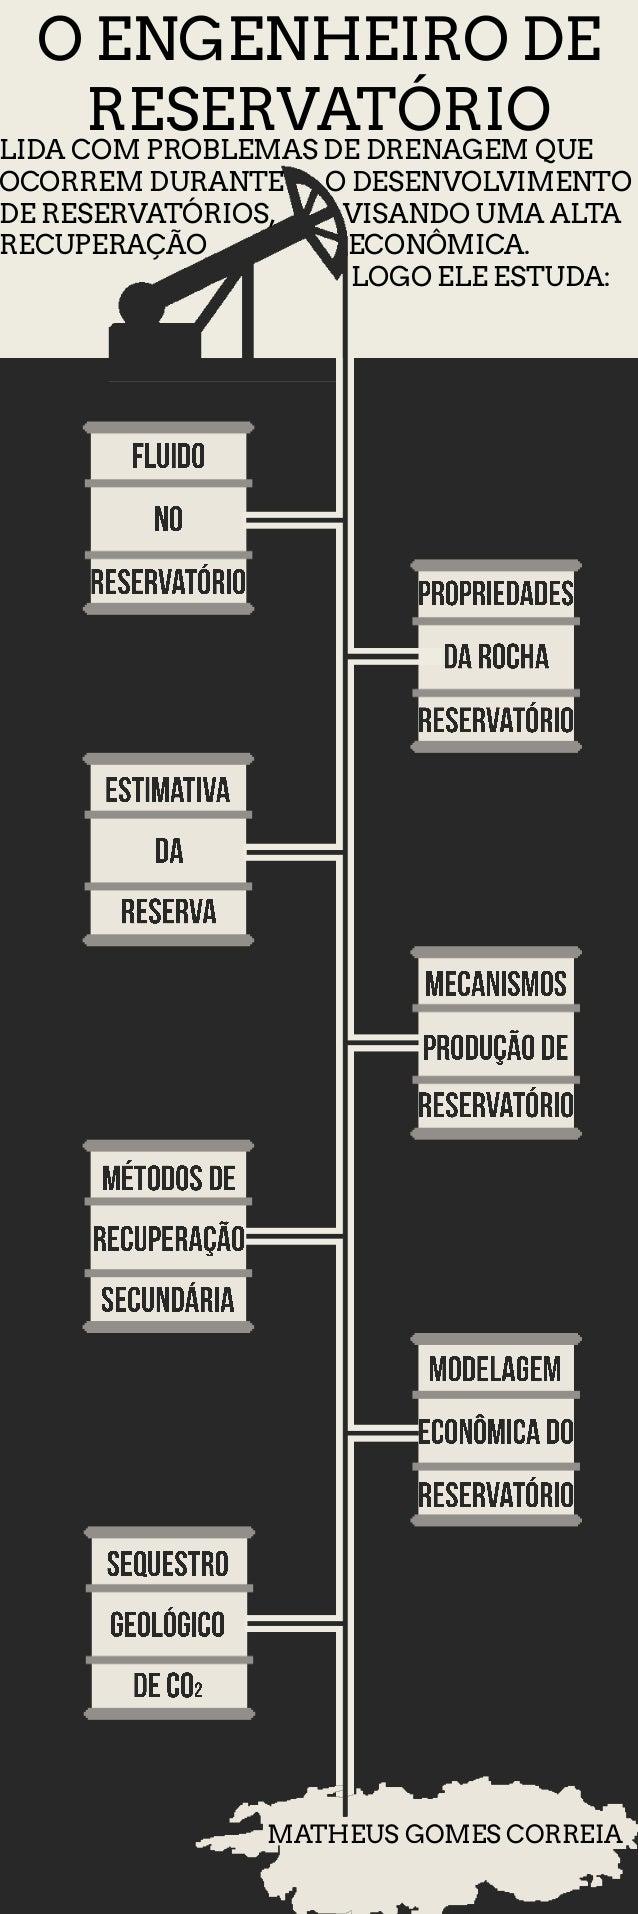 Infográfico - Engenheiro de Reservatório